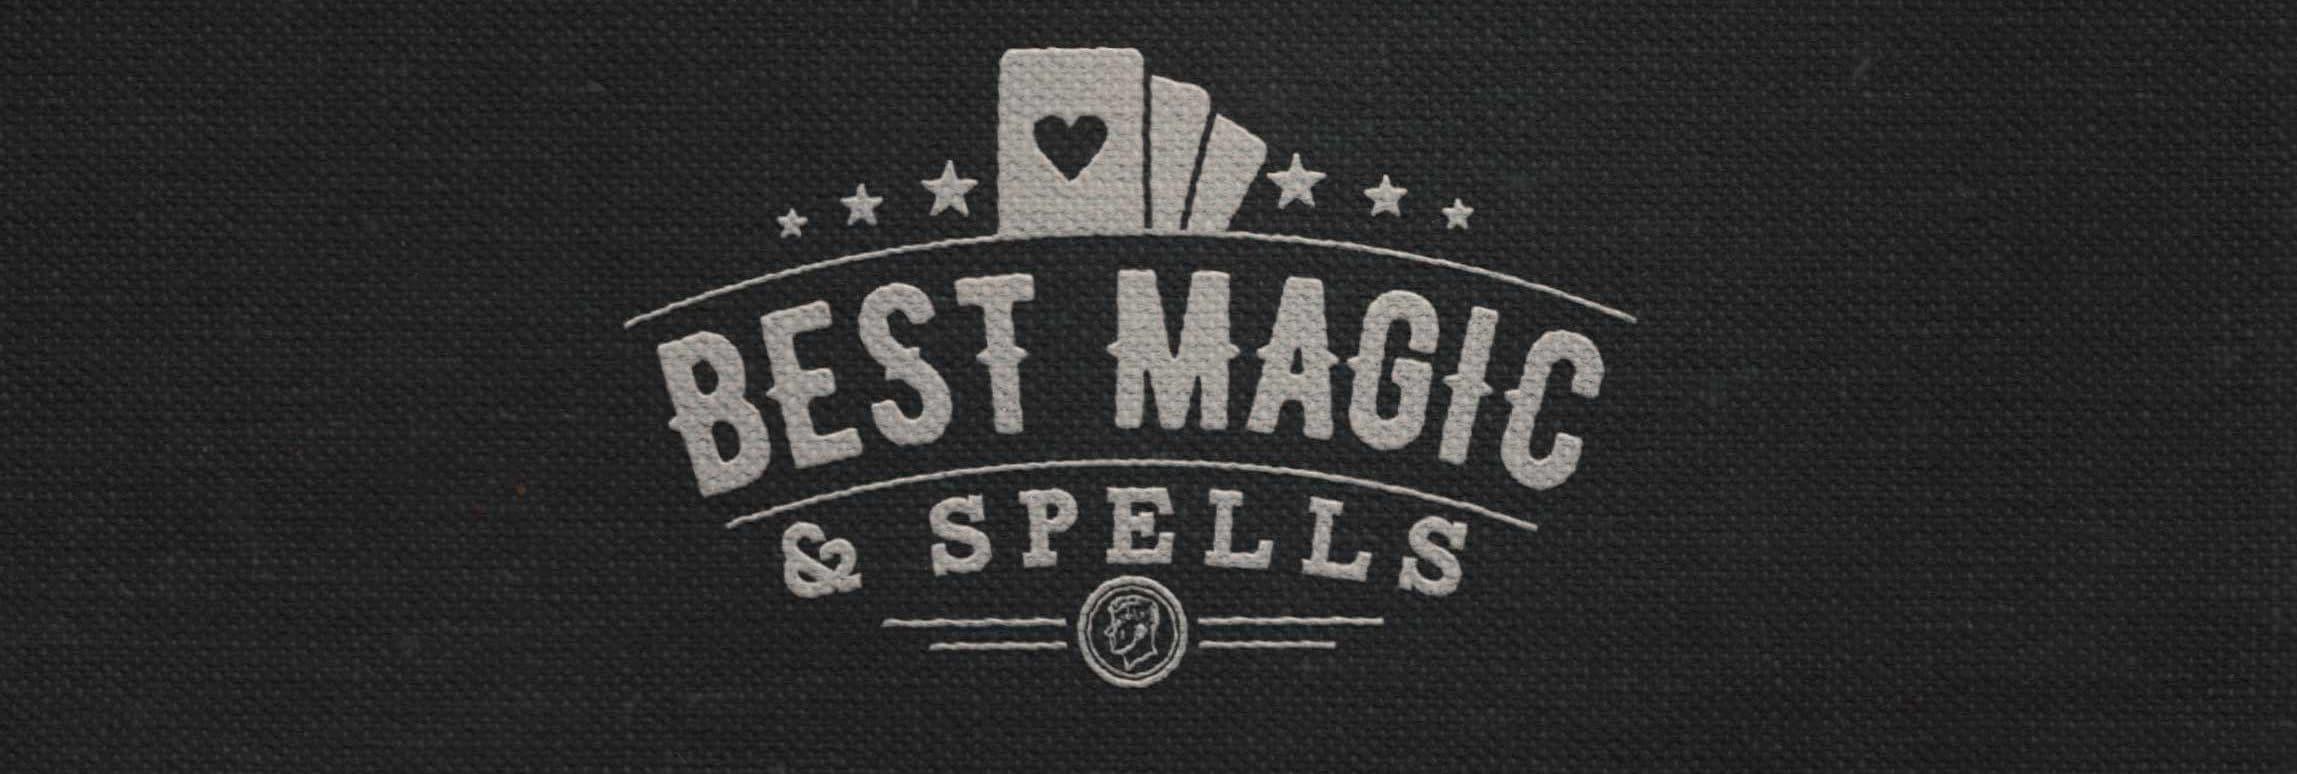 Best Magic and Spells